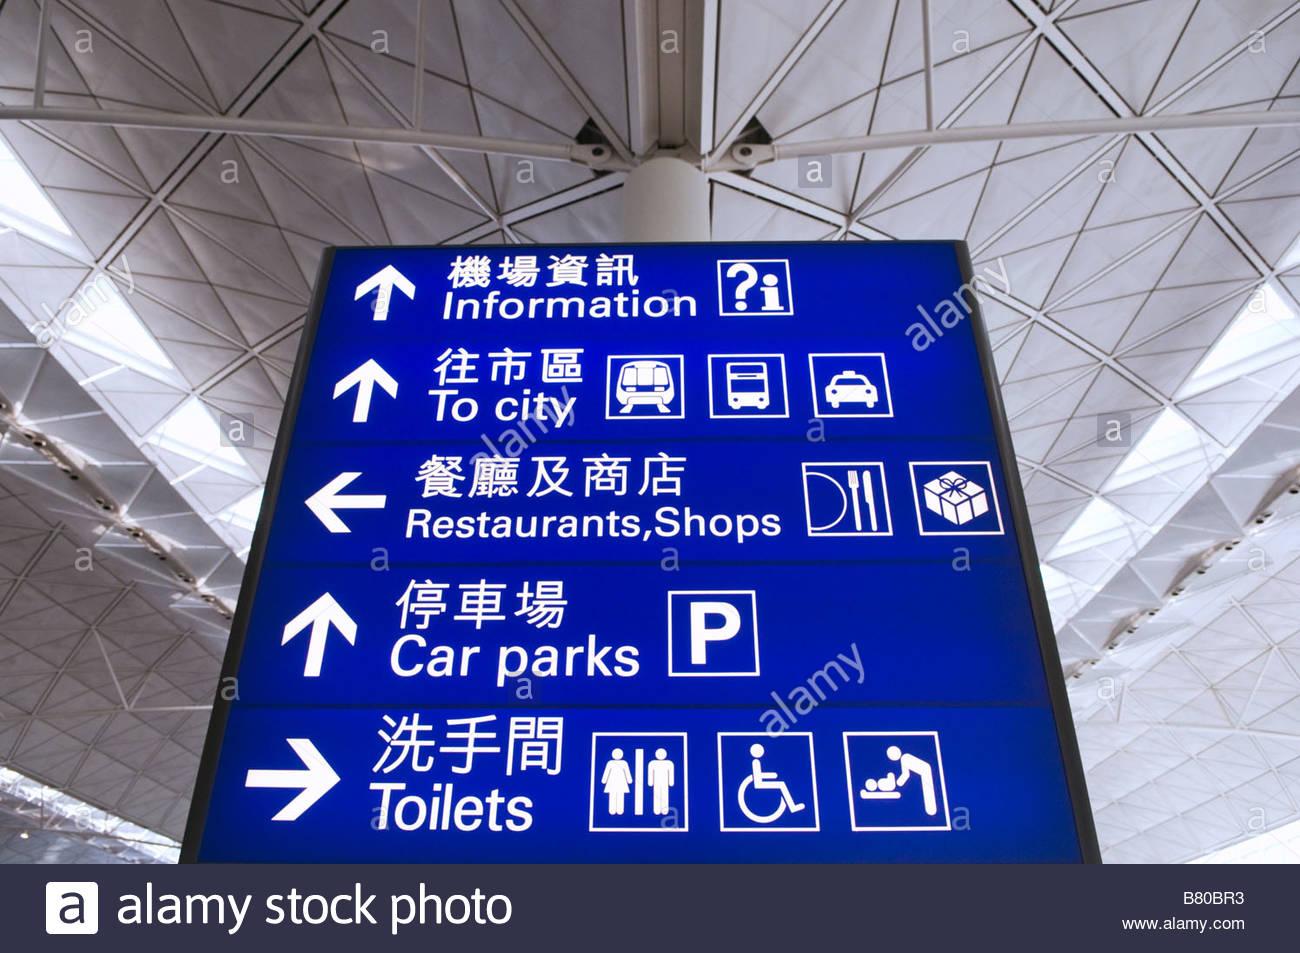 Information sign at  Hong Kong Chek Lap Kok Airport - Stock Image